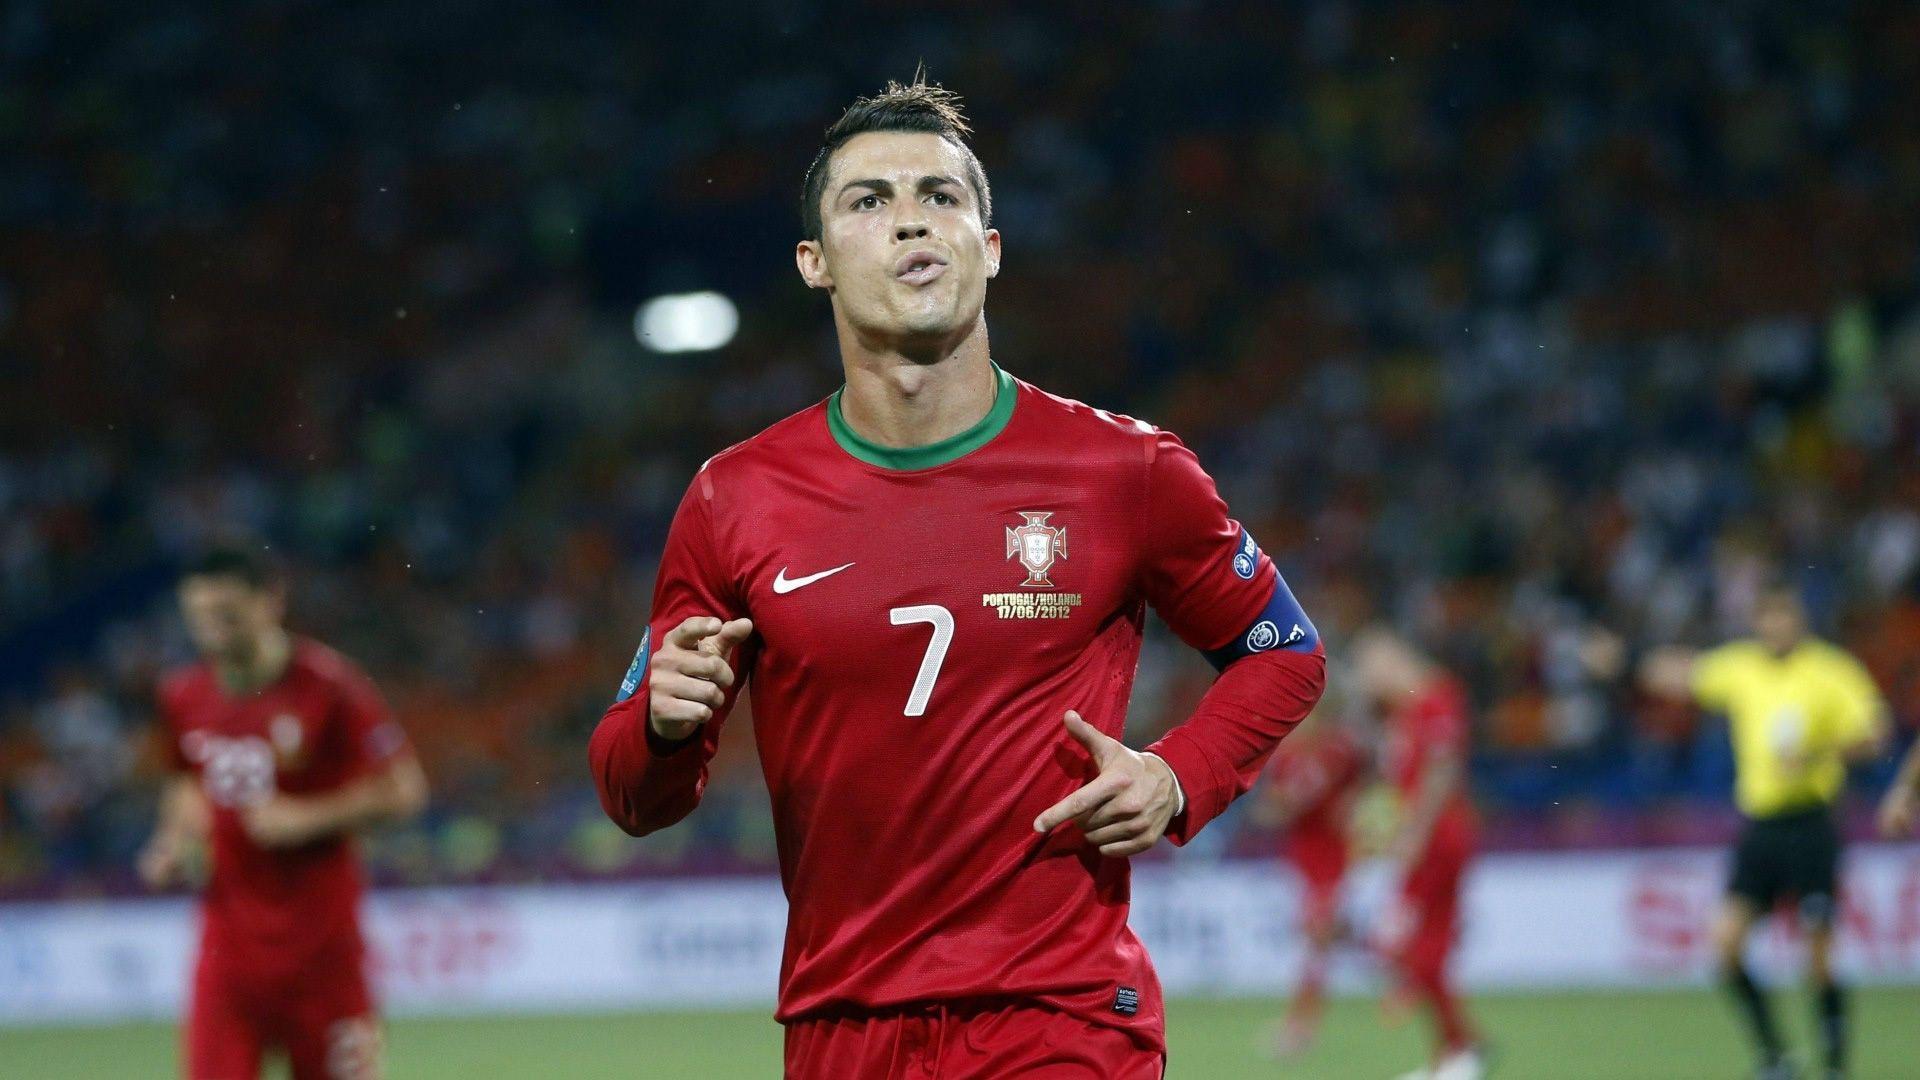 Cristiano Ronaldo swagger wallpaper - Cristiano Ronaldo Wallpapers